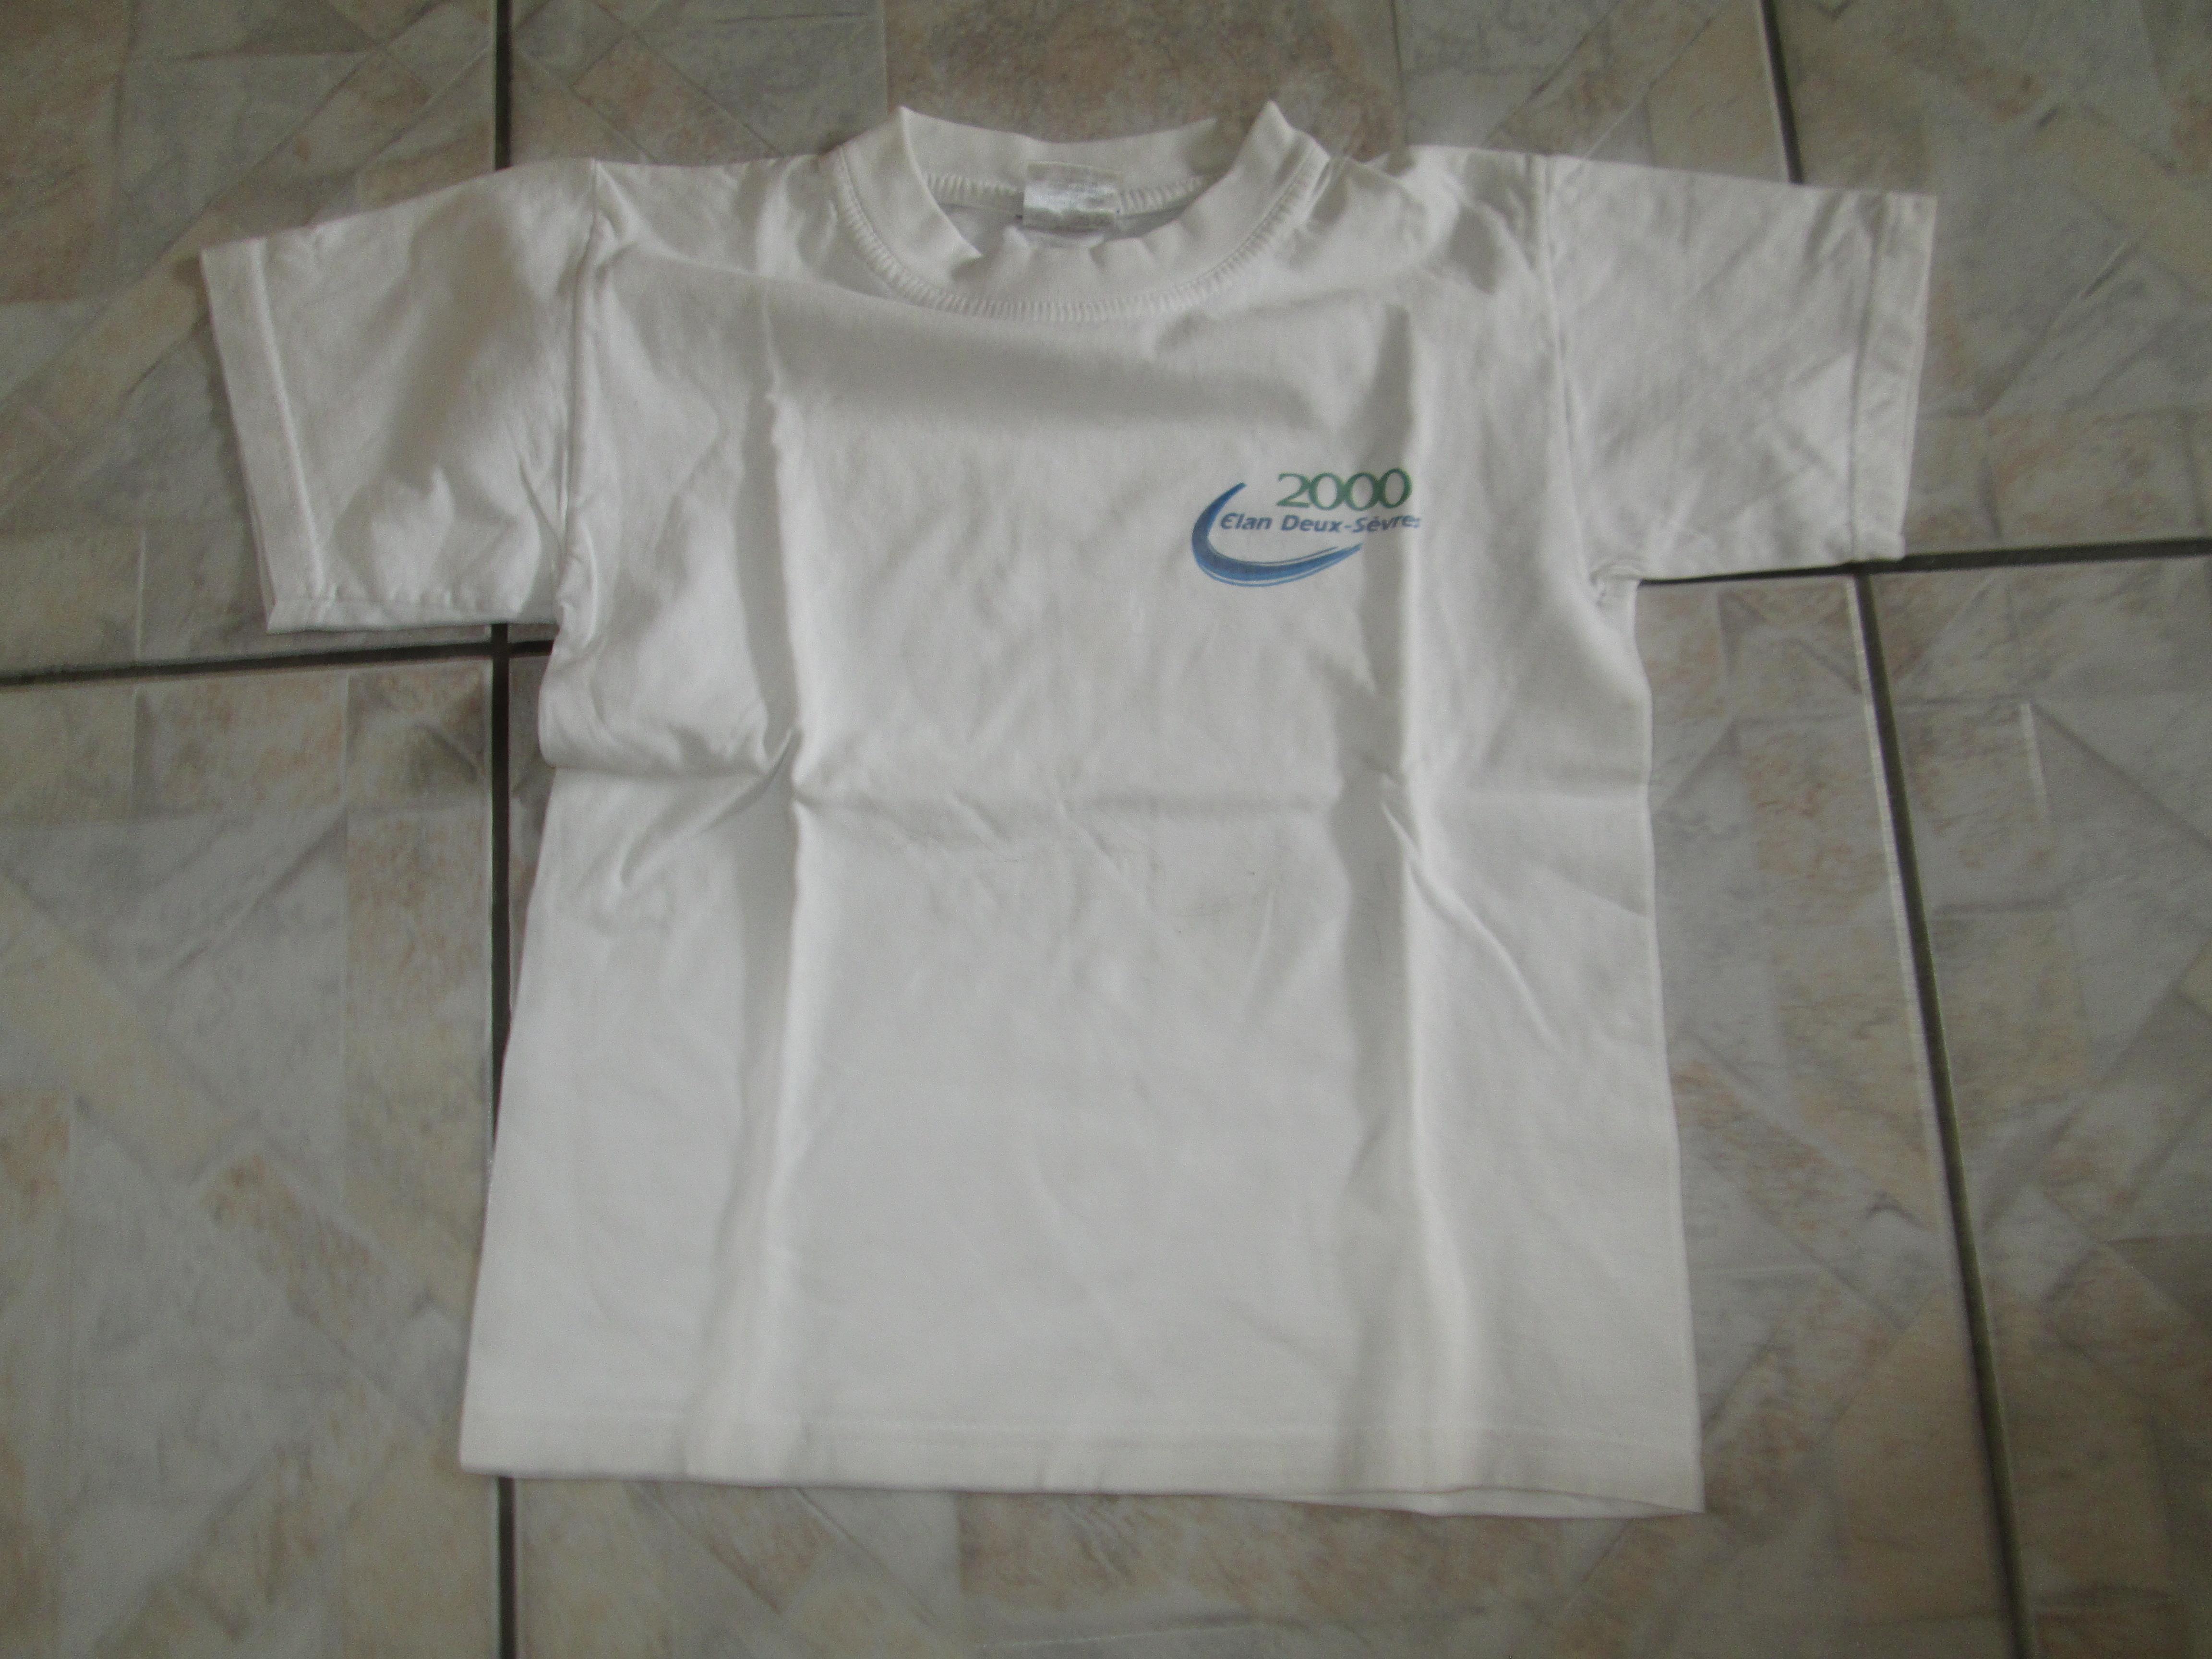 troc de troc tee shirt 10 ans 2 noisettes image 0